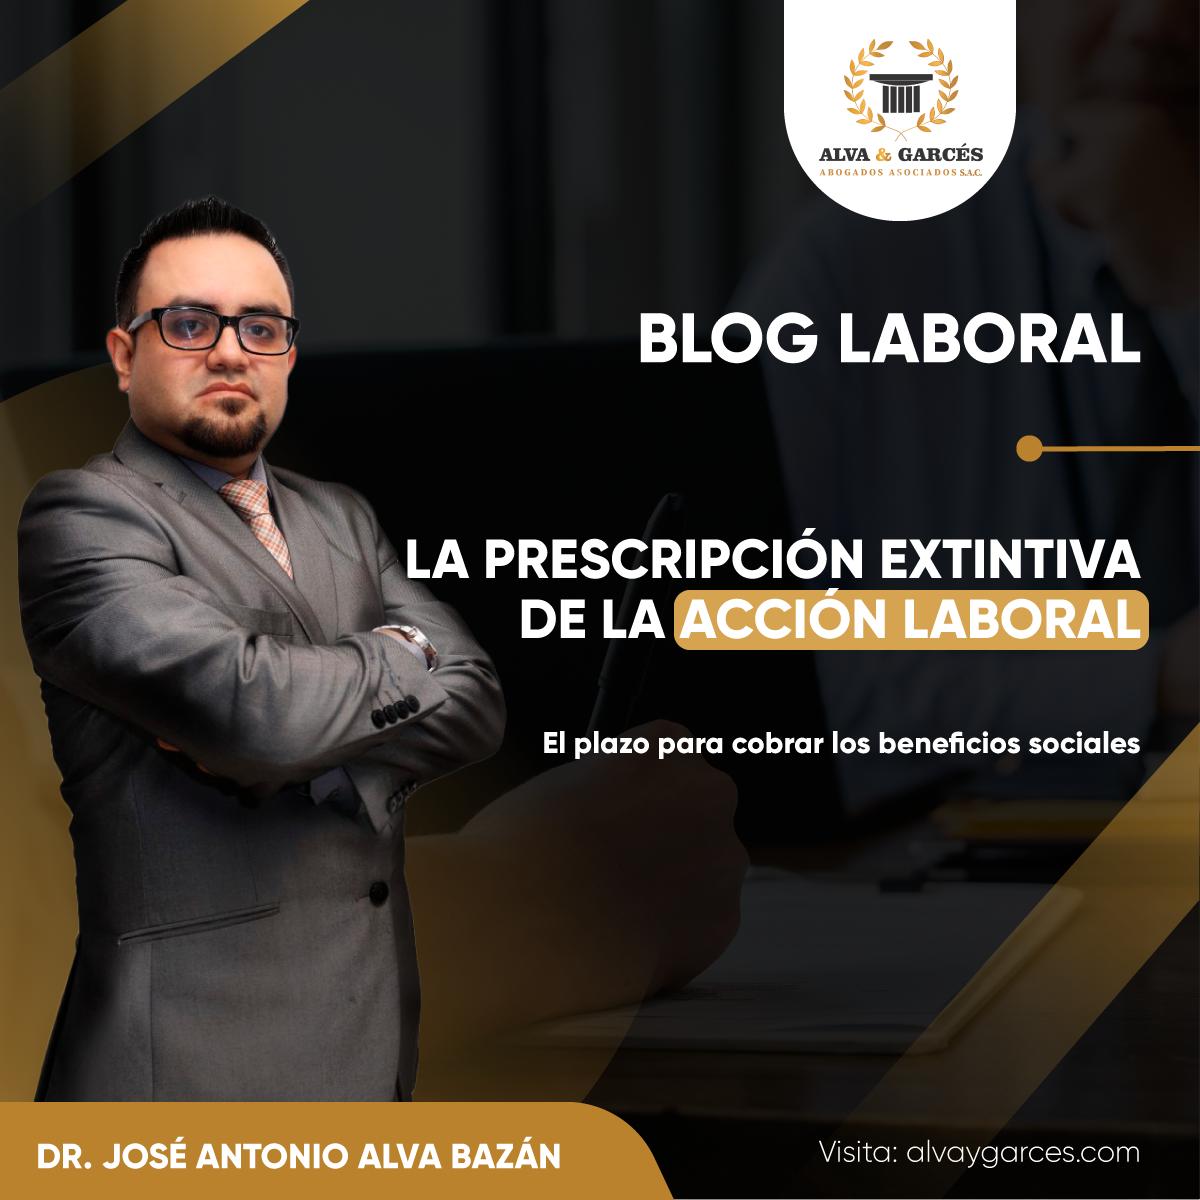 BLOG LABORA - PRESCRIPCIÑON EXTINTIVA DE LA ACCIÓN LABORAL